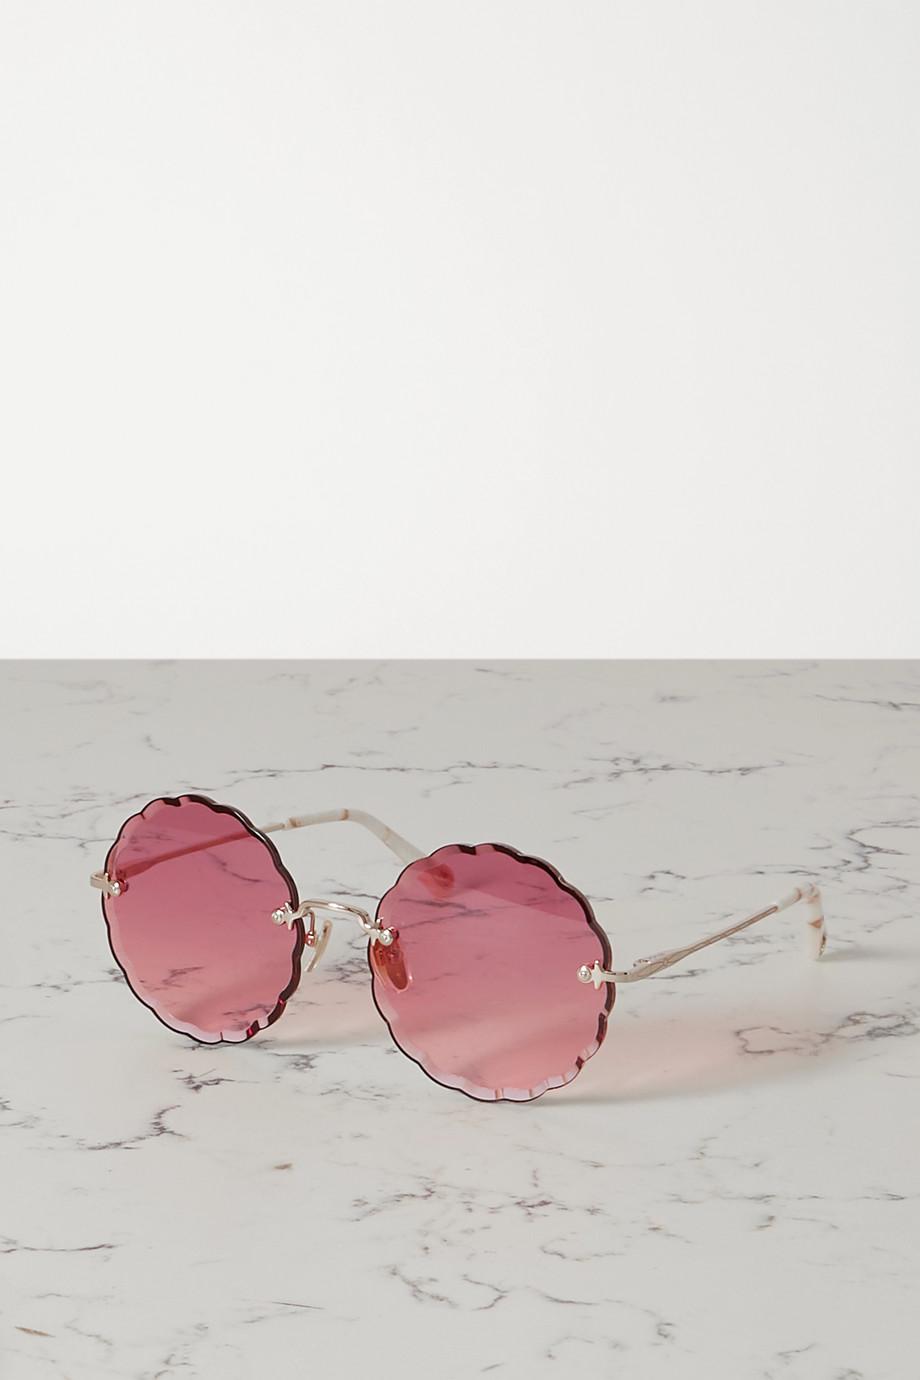 Chloé Goldfarbene Sonnenbrille mit rundem Rahmen und Azetatdetails